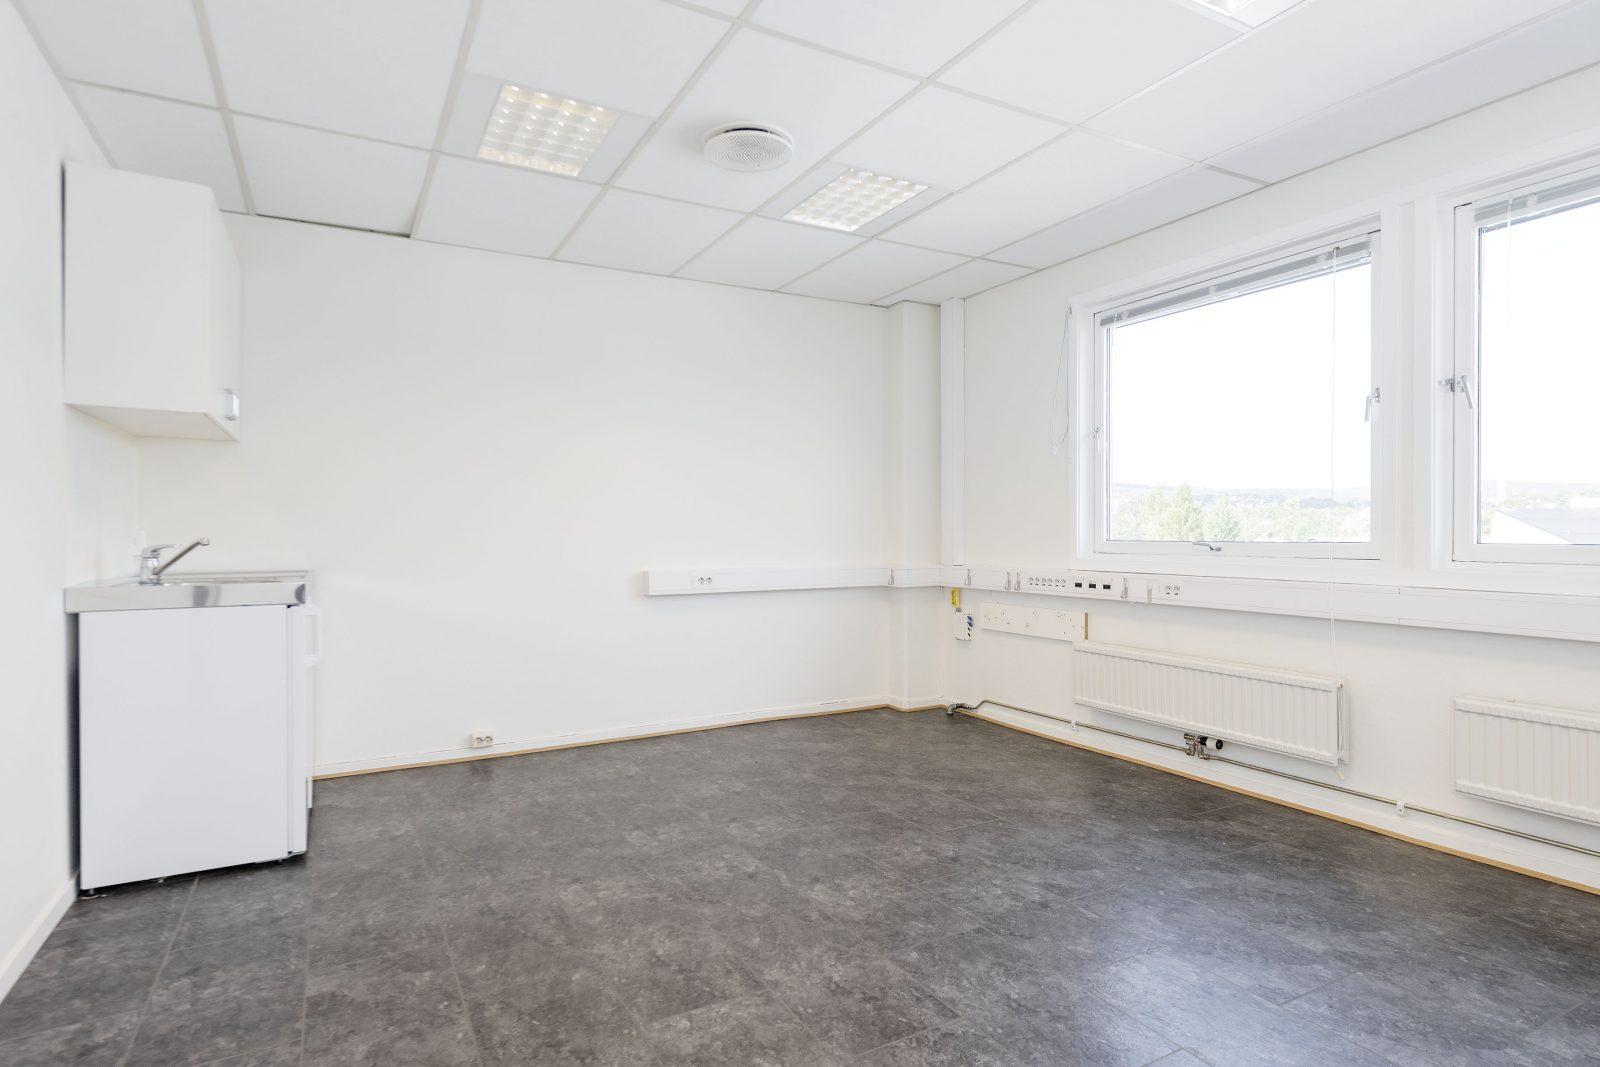 Enkeltstående kontor m/minikjøkken